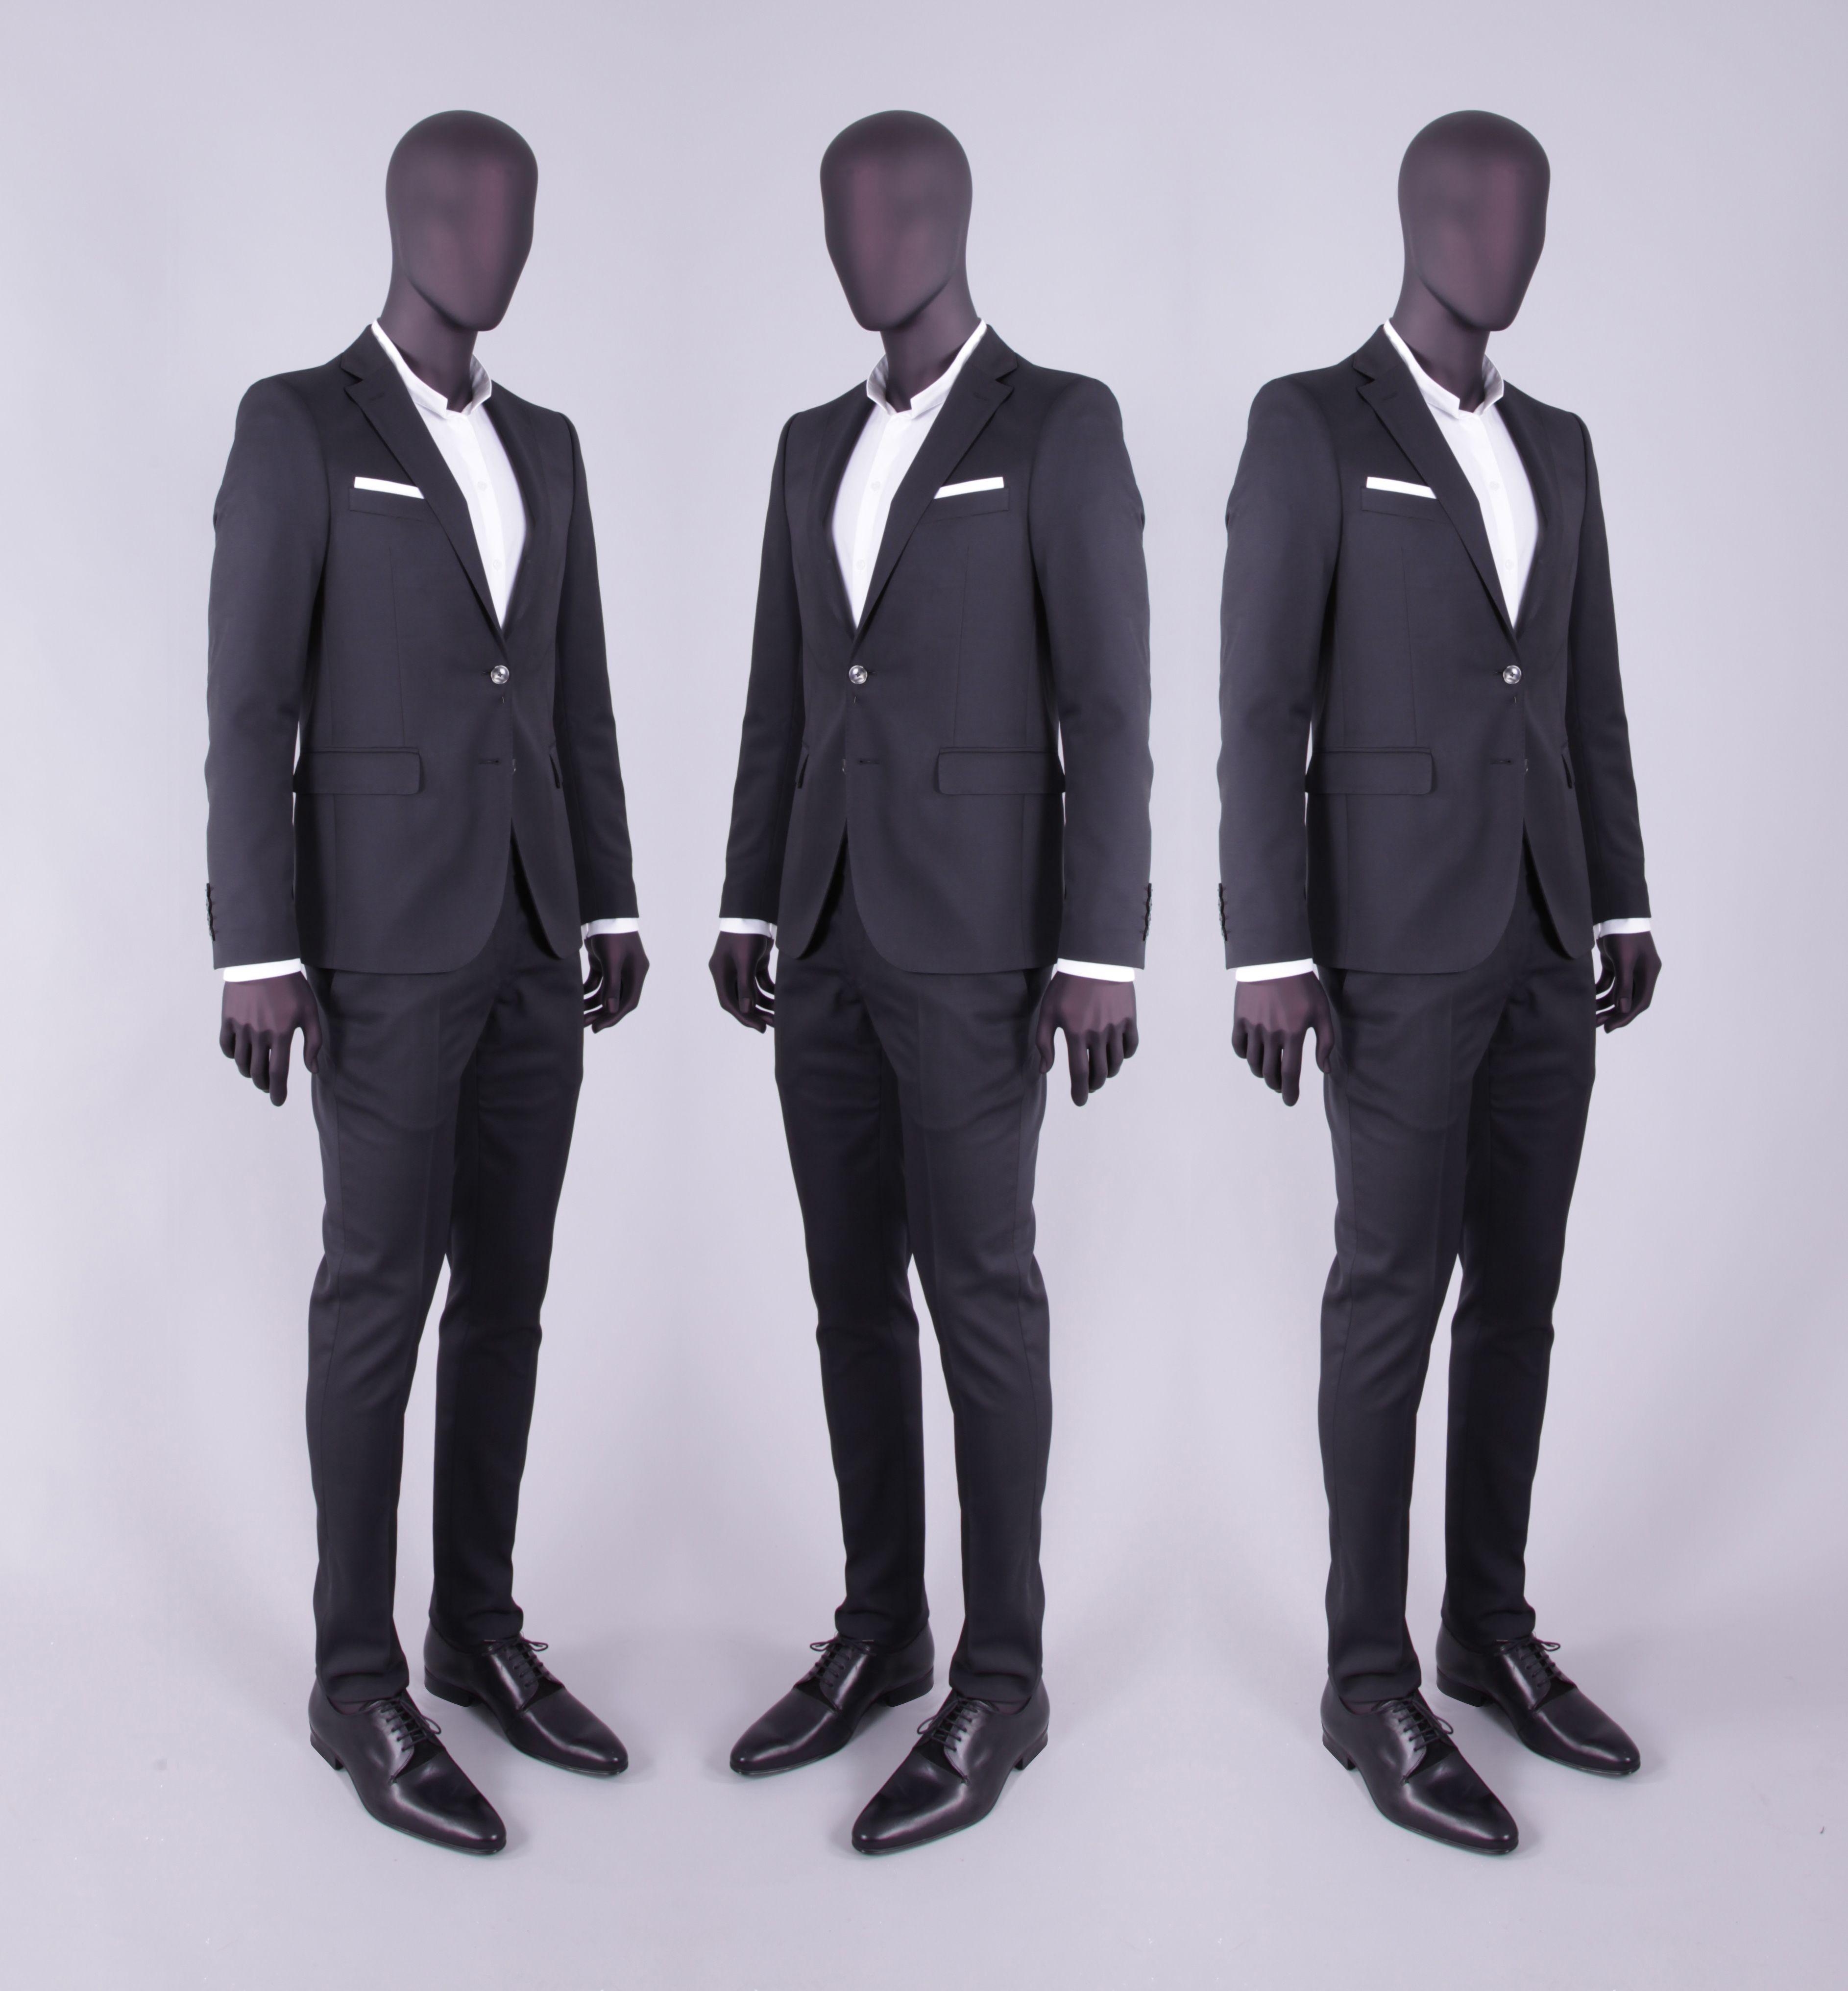 Homme Photo Photo En Mannequin Mannequin Costume XZukTwiOP